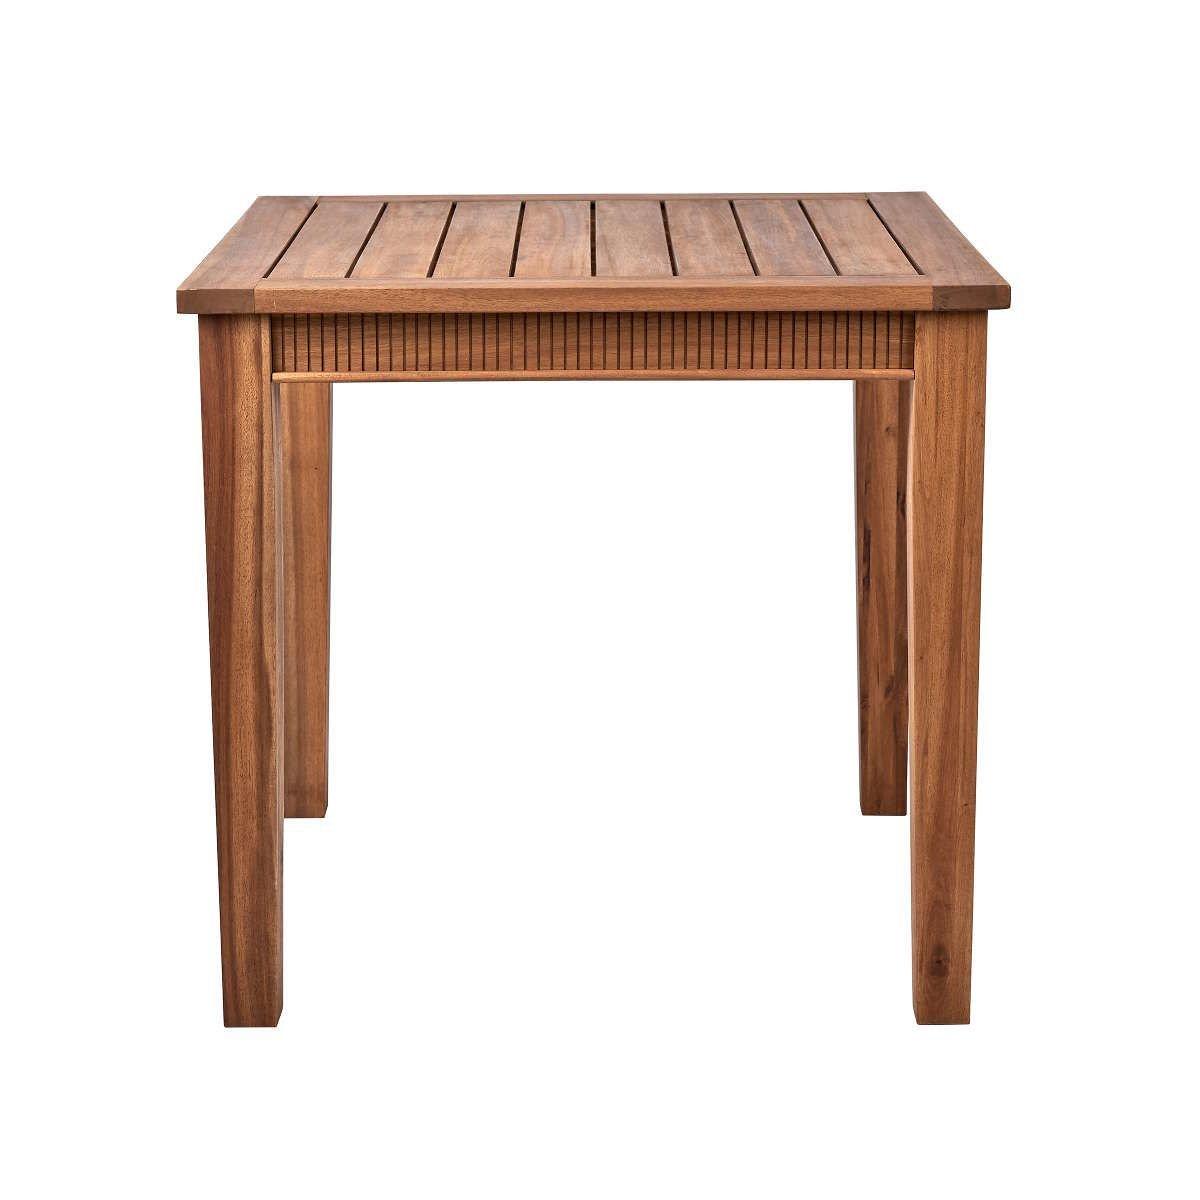 Bild 2 von Tisch 80x80 cm